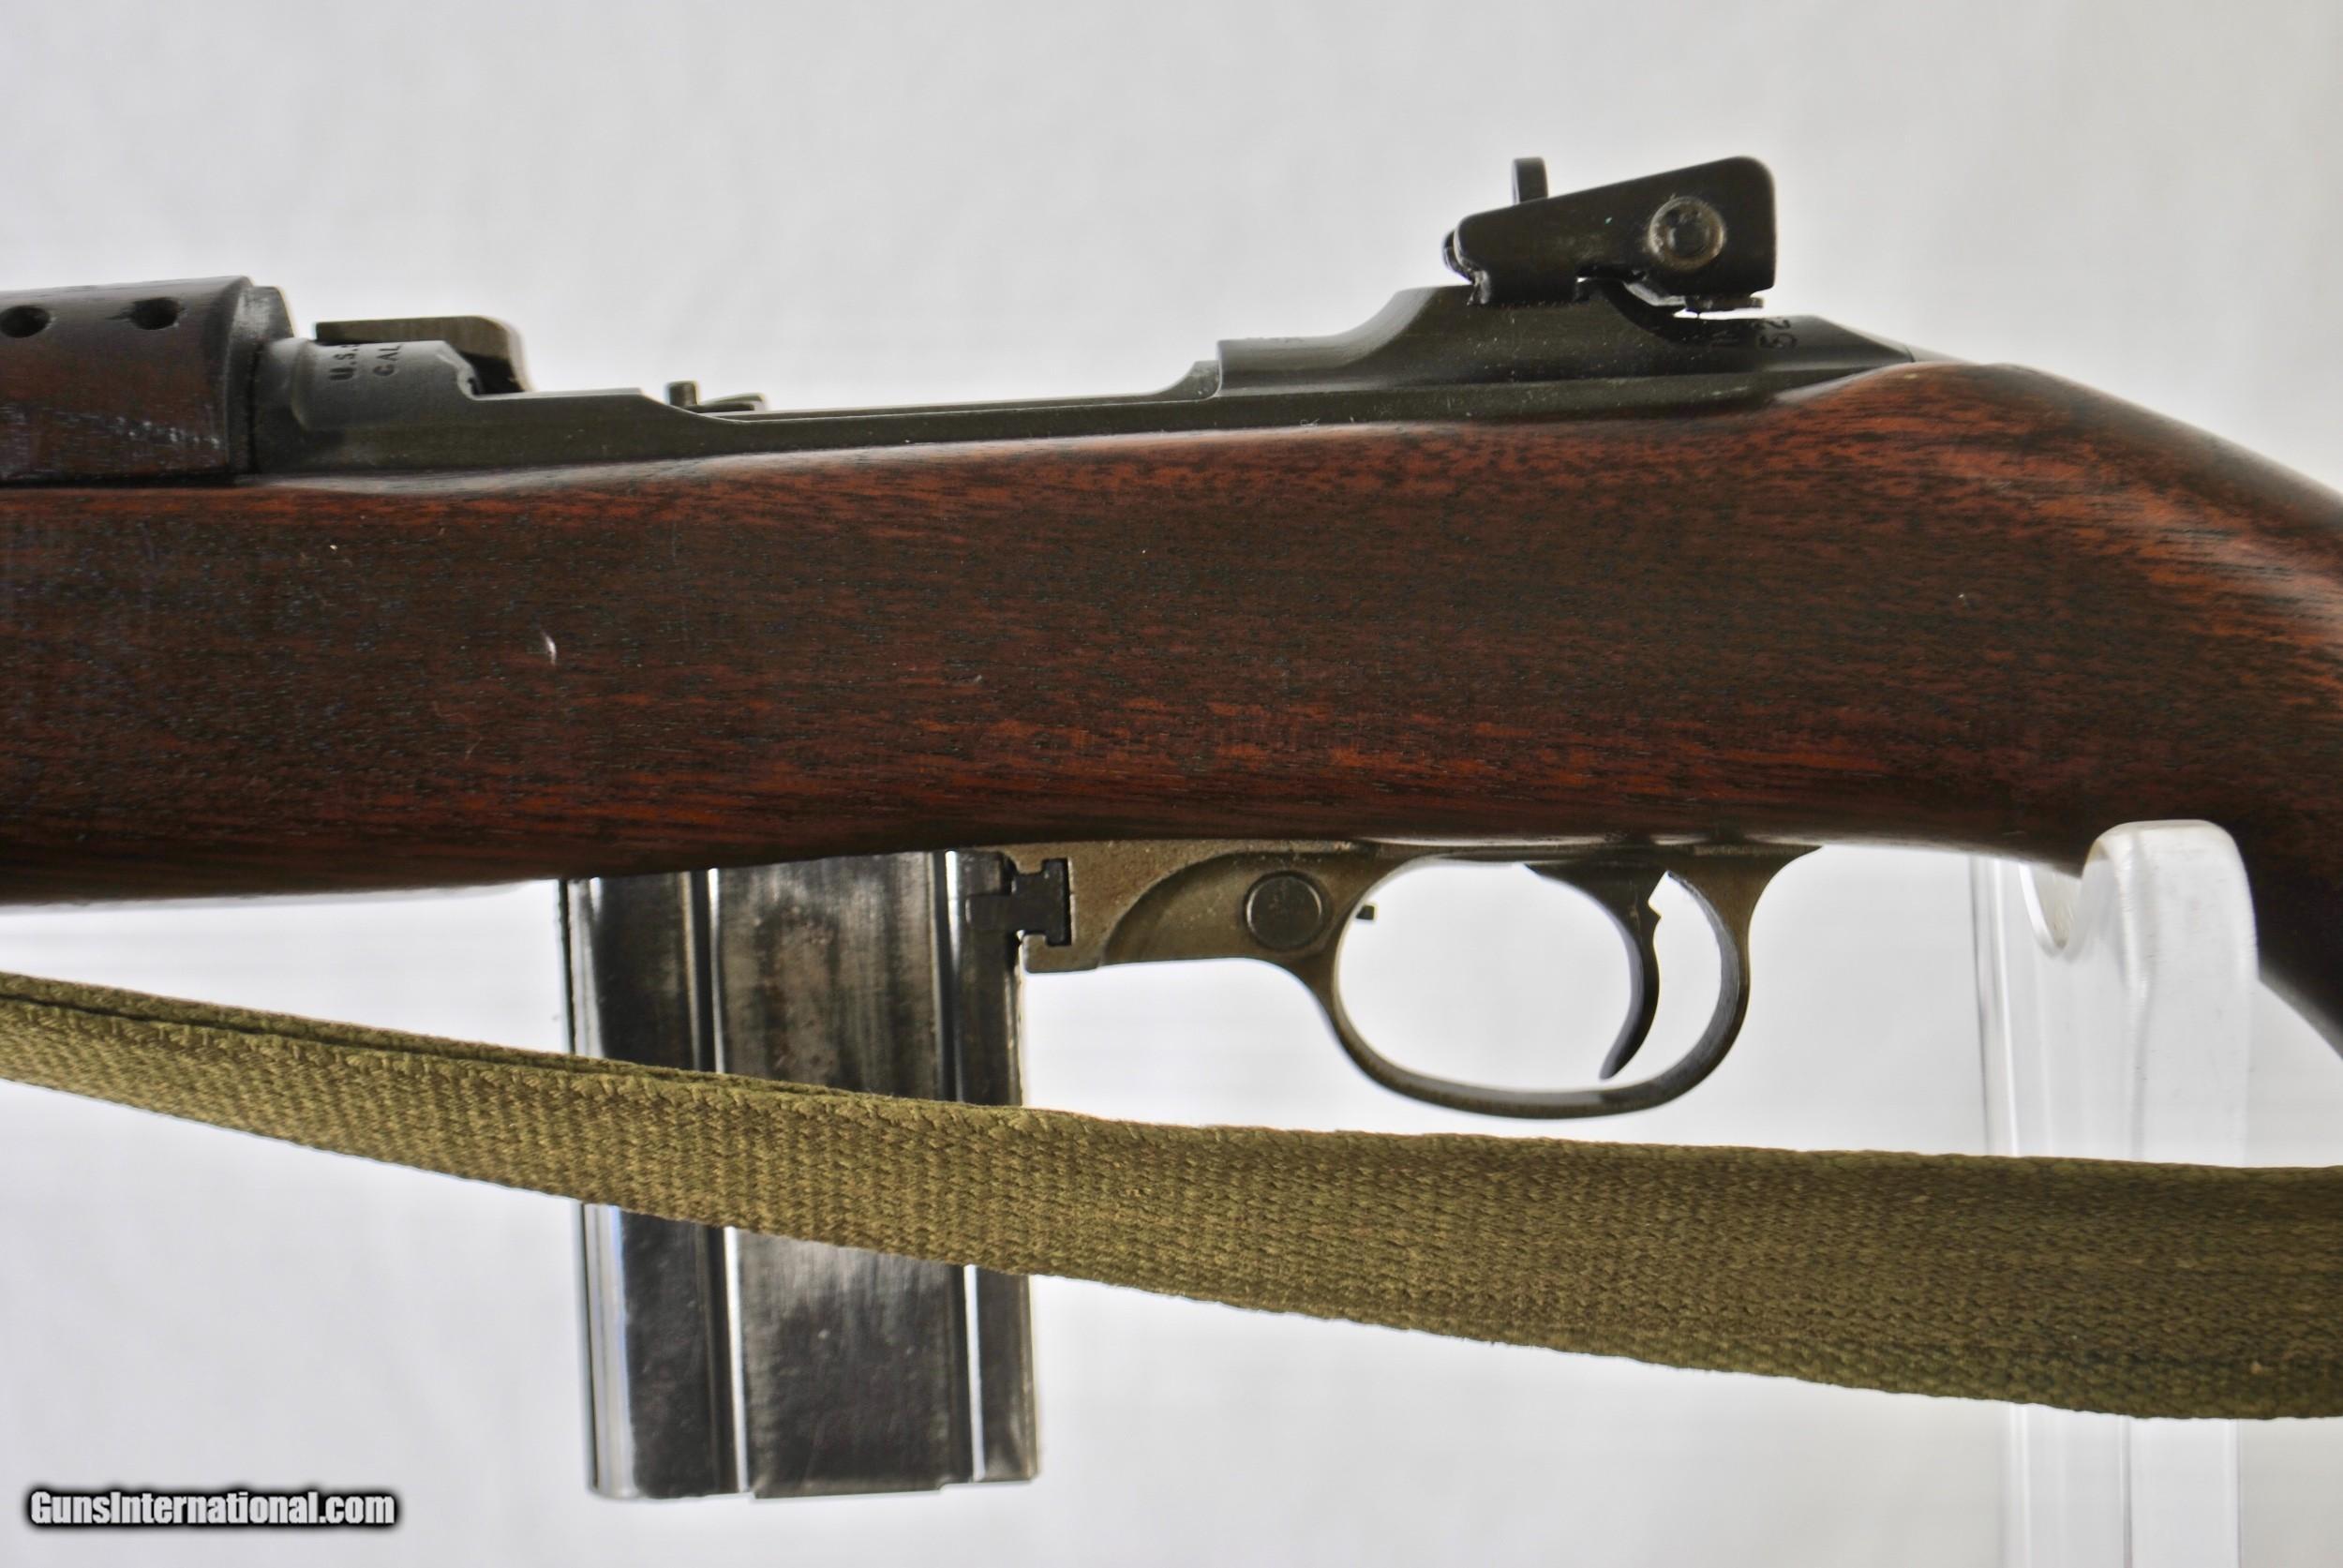 Dating en M1 carbine